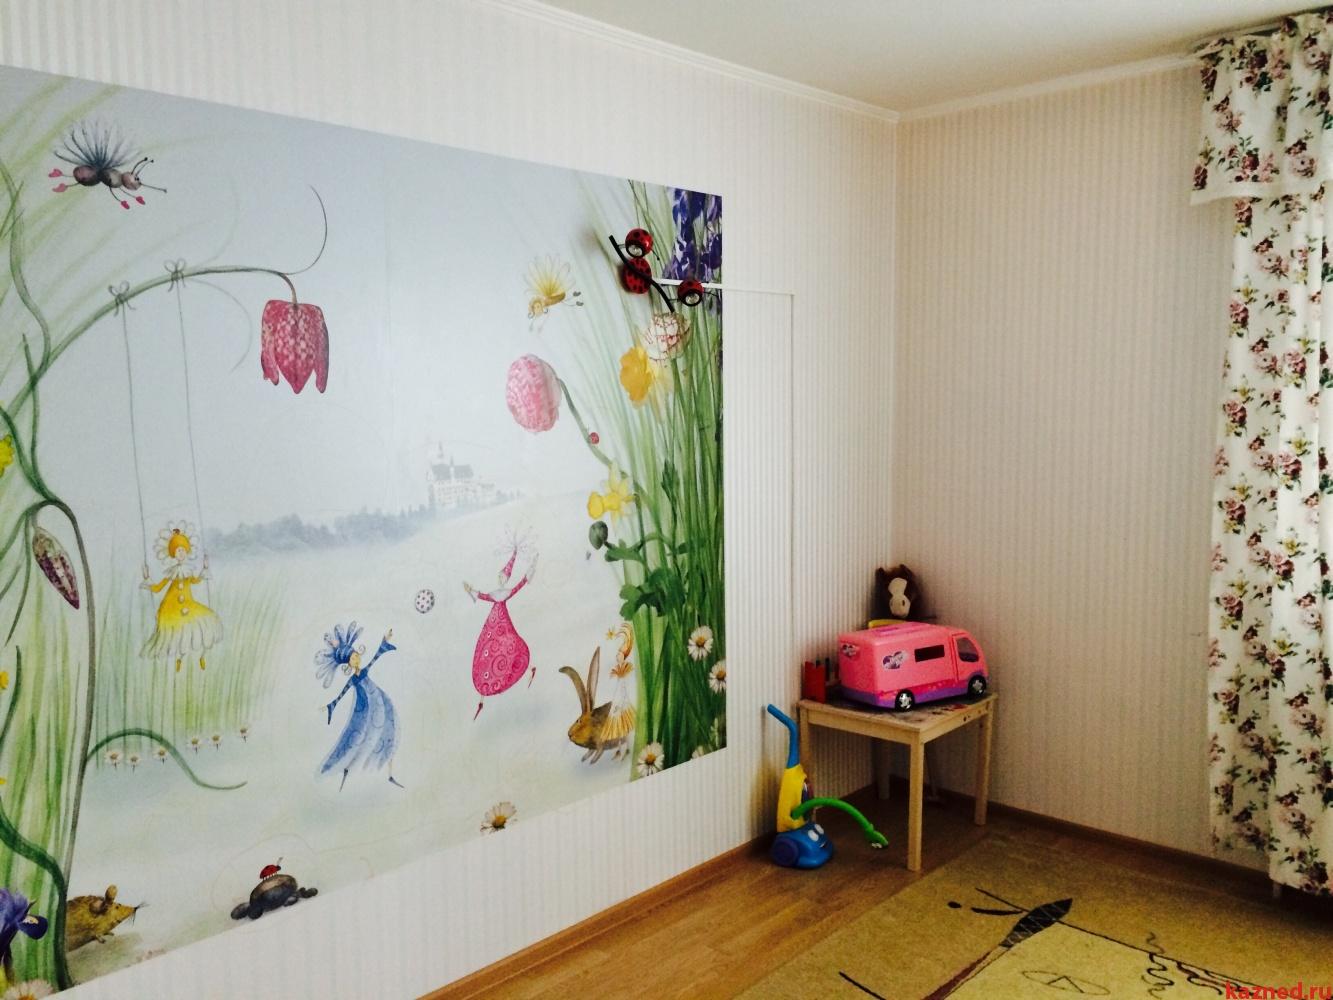 Продажа 3-к квартиры Гвардейская,16, 86 м²  (миниатюра №4)